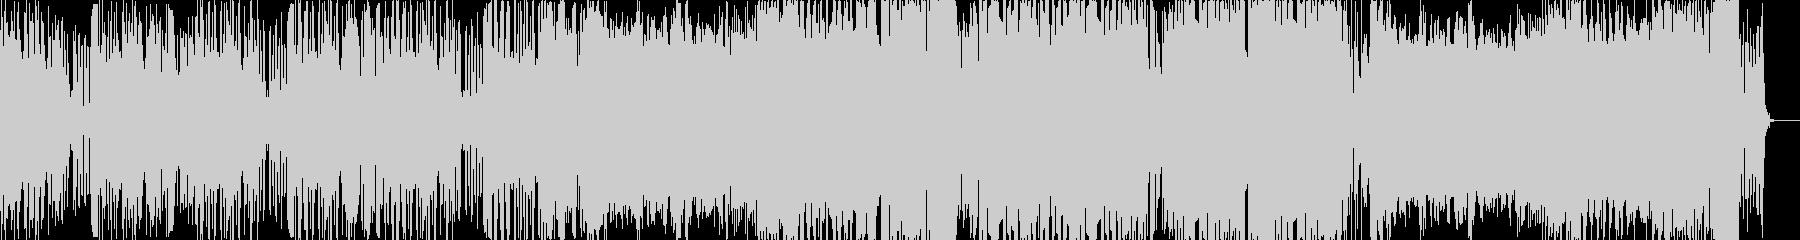 暗い感じのインダストリアルベースの未再生の波形